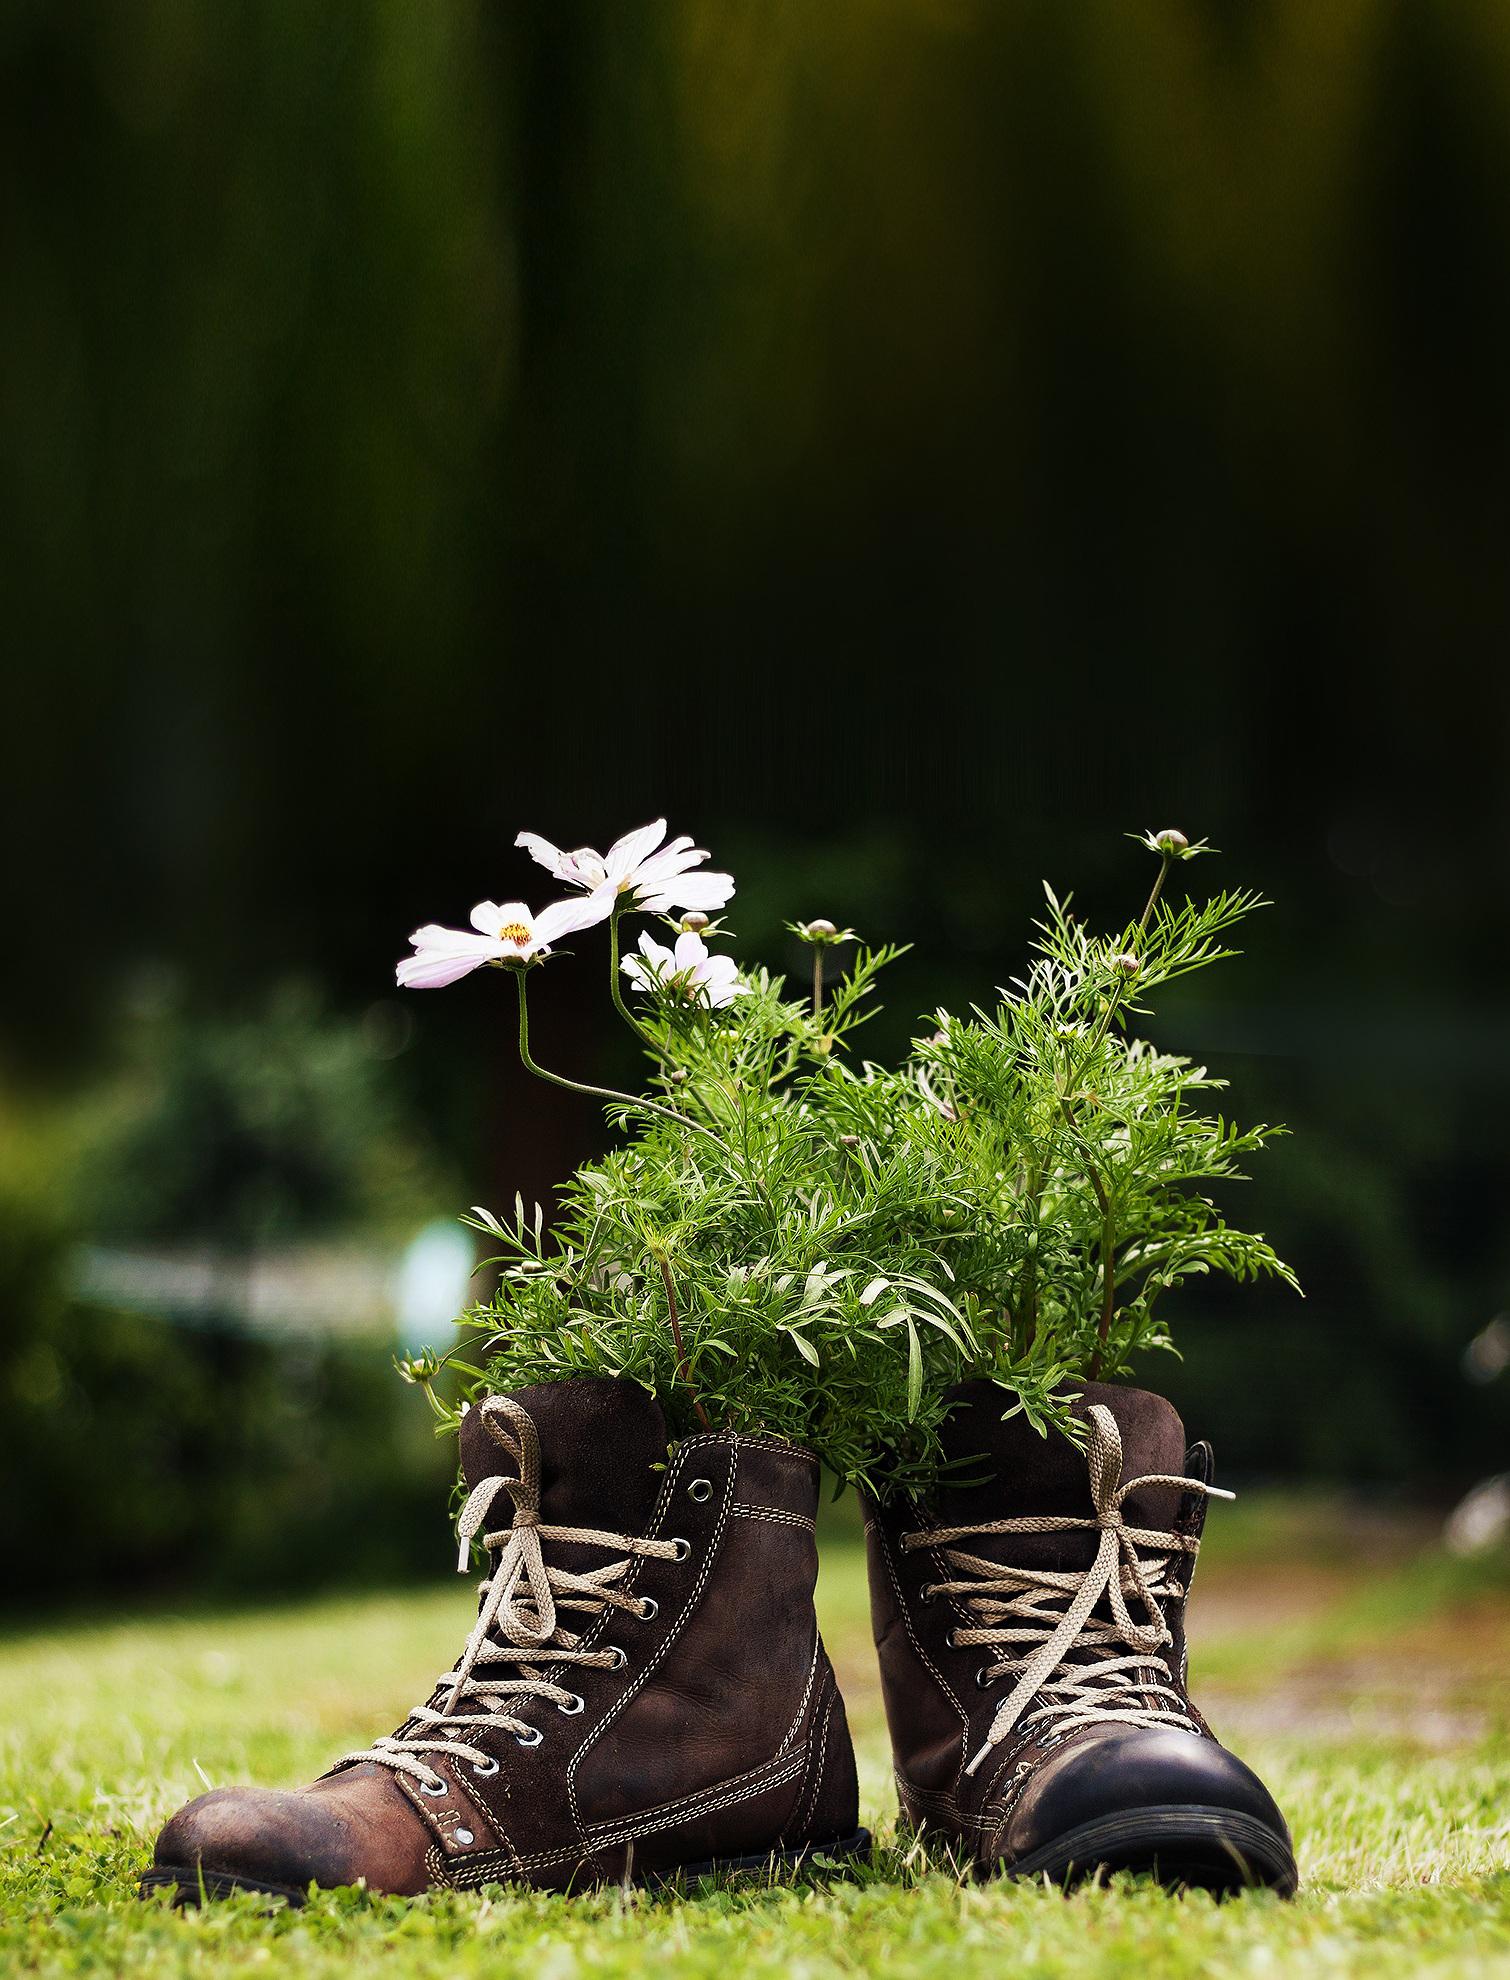 Alte Stiefel lassen sich wunderbar als Blumentöpfe zweckentfremden - ein Hingucker in jedem Garten!